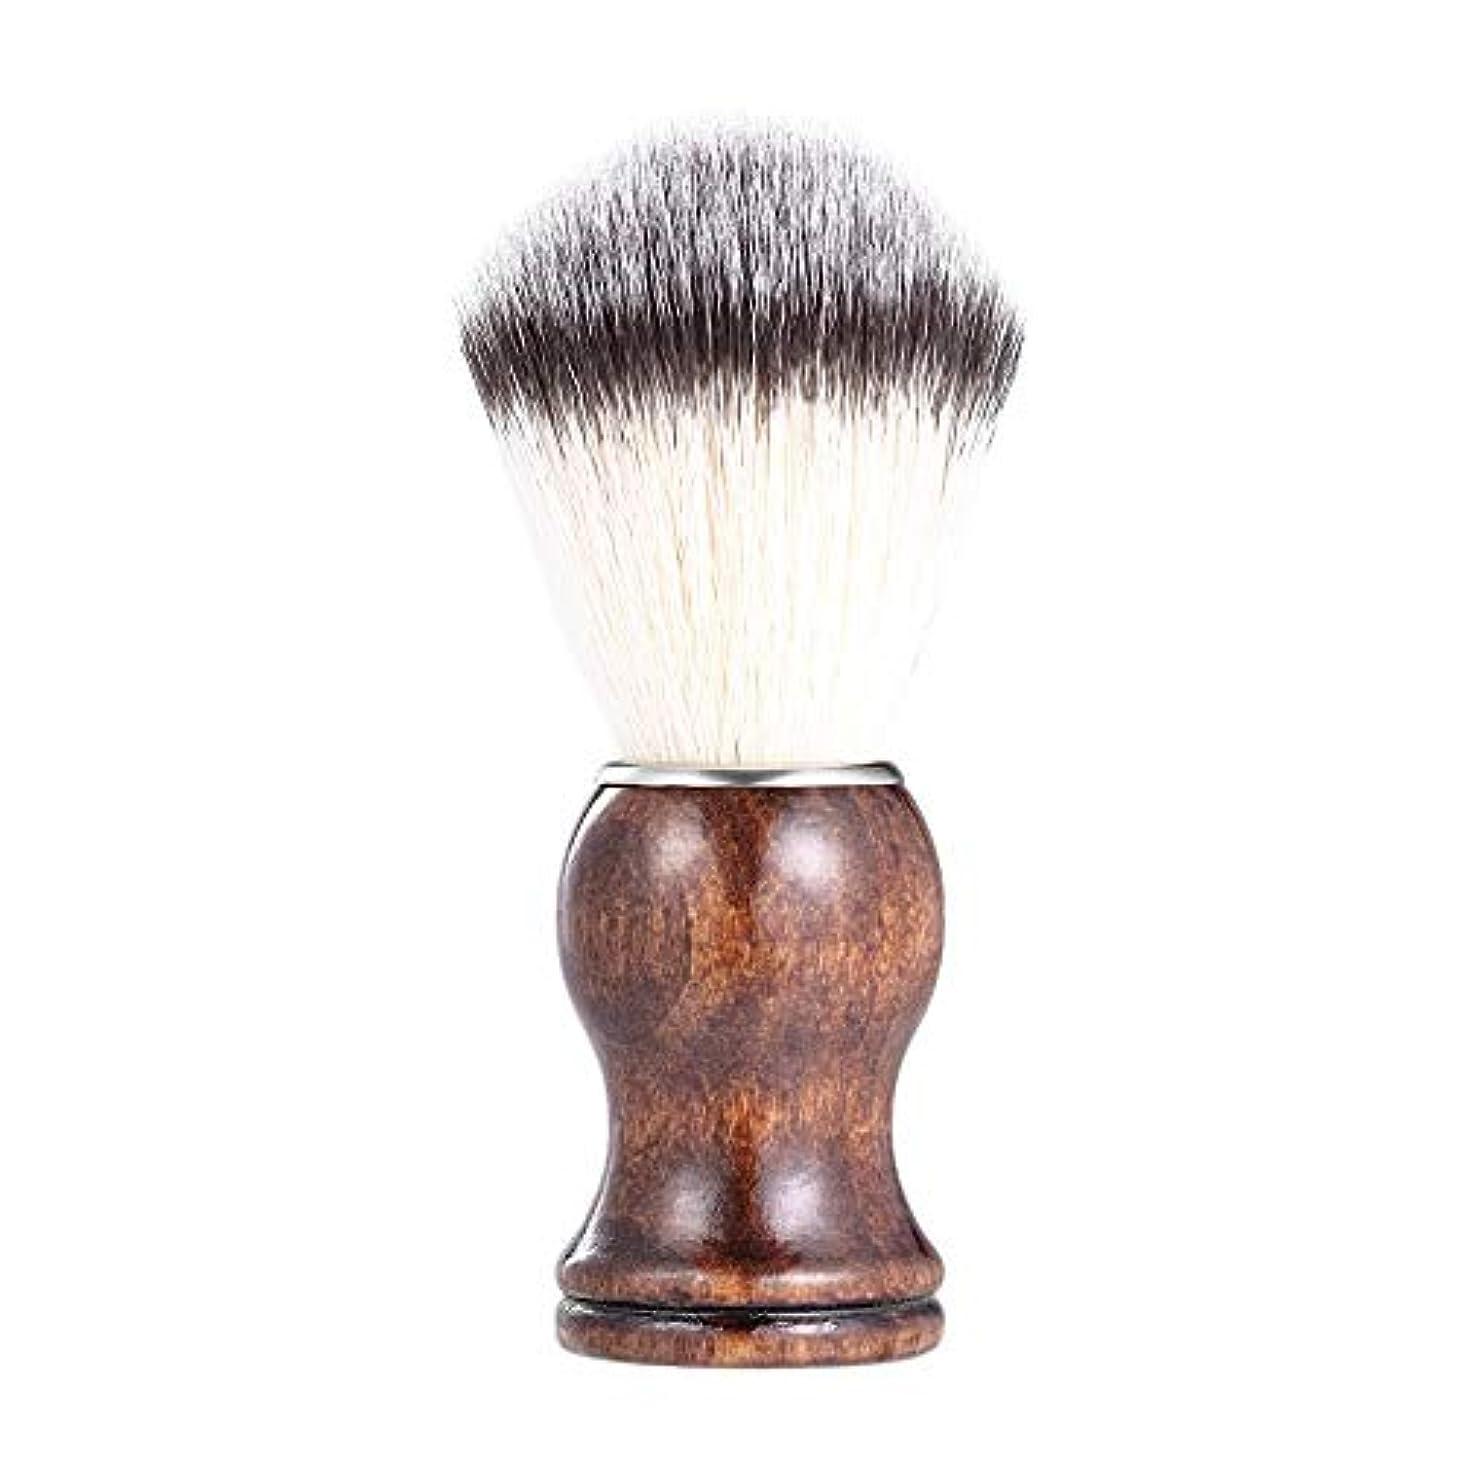 秀でる前件農業のあごひげケア 美容ツール メンズ用 髭剃り ブラシ シェービングブラシ 木製ハンドル 男性 ギフト理容 洗顔 髭剃り